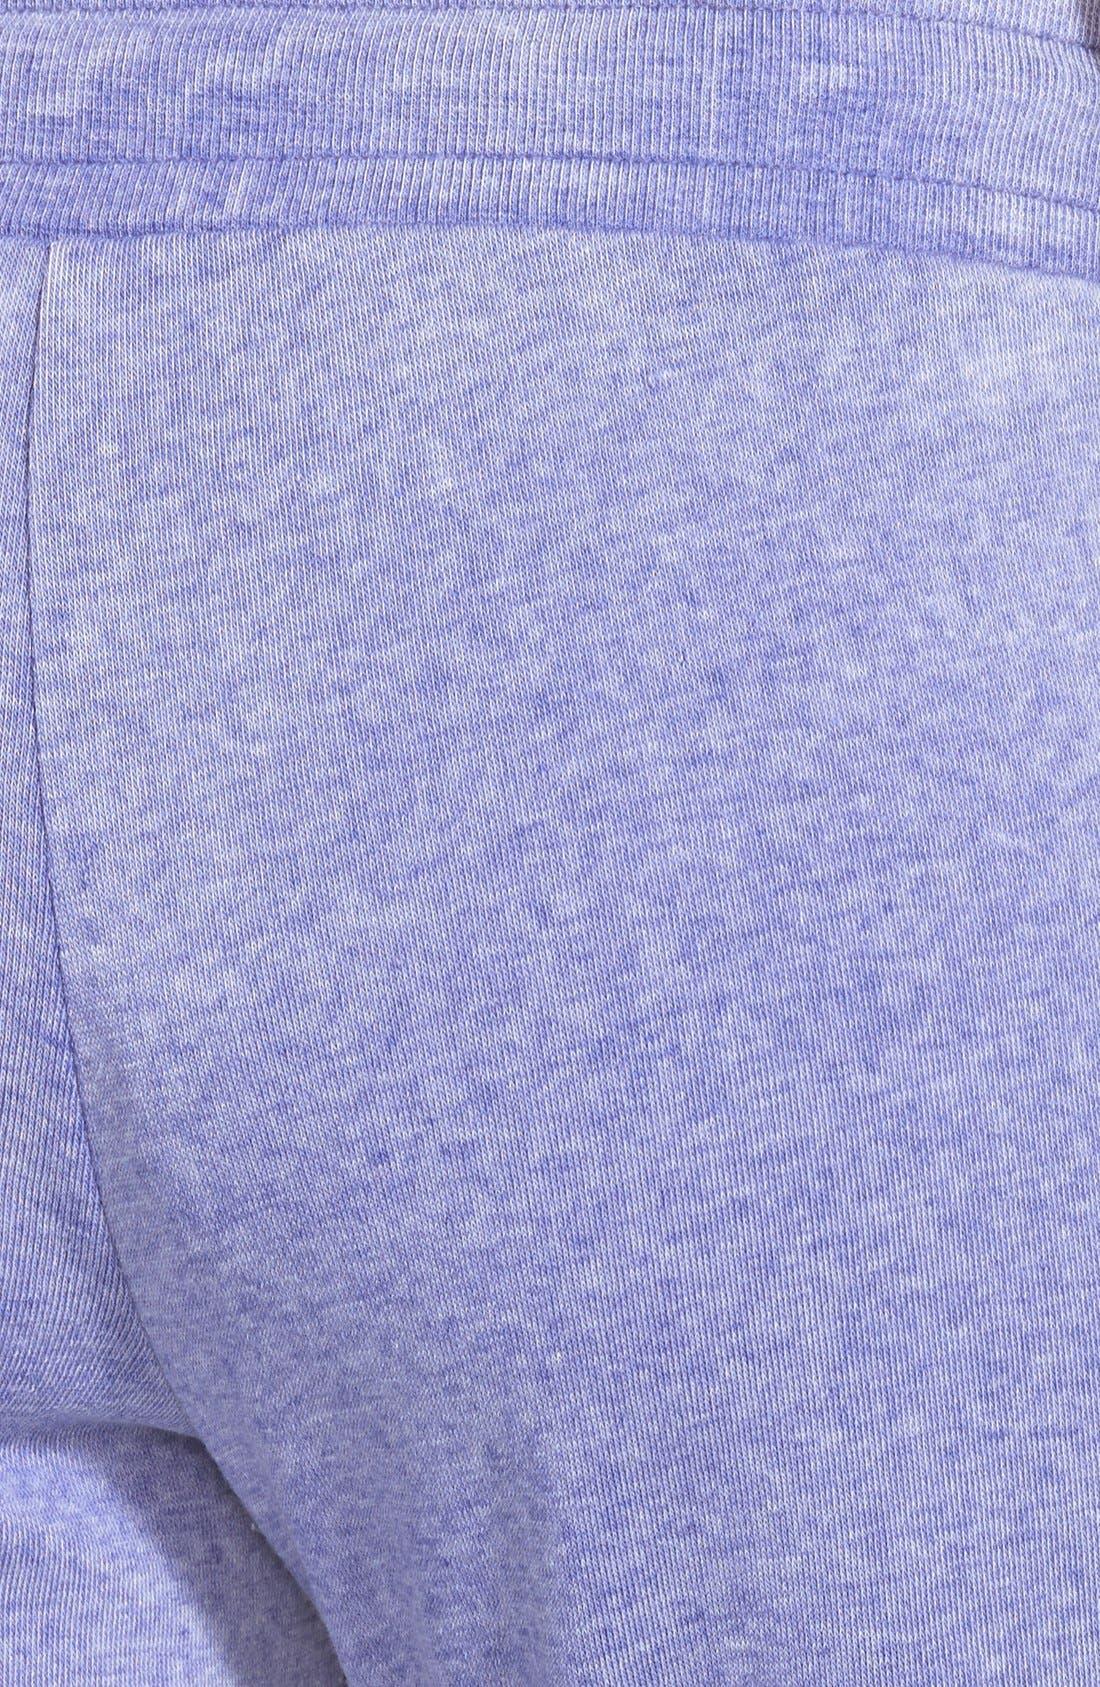 Alternate Image 3  - BP. 'Skinny Mini' Sweatpants (Juniors)